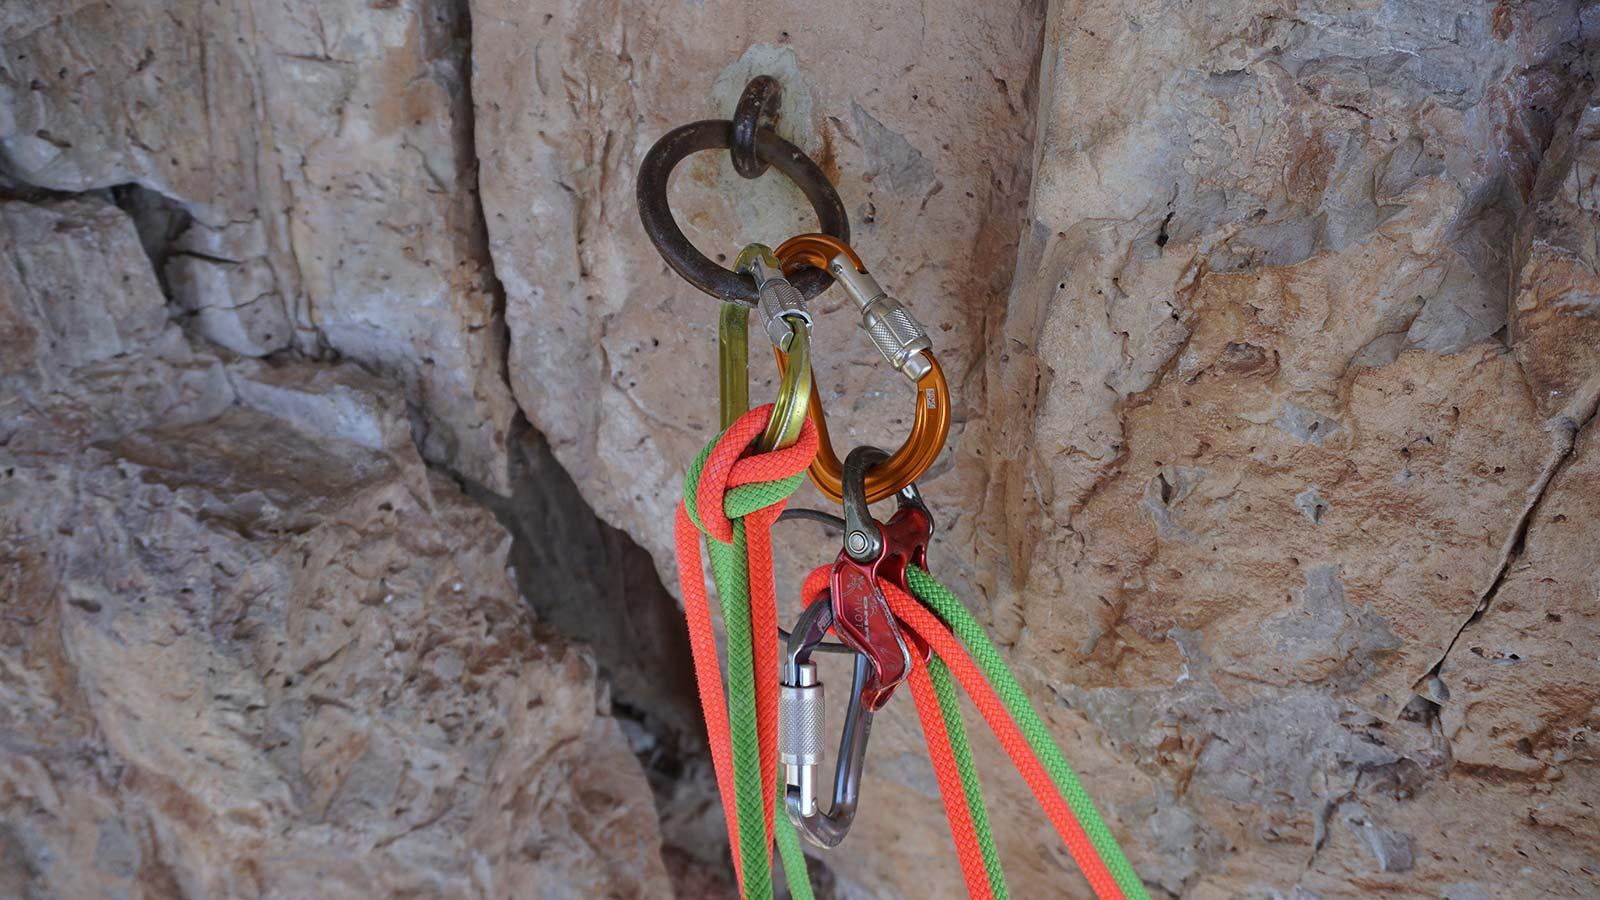 Klettern Seiltechnik Ausbildung I Alpine Kompetenz